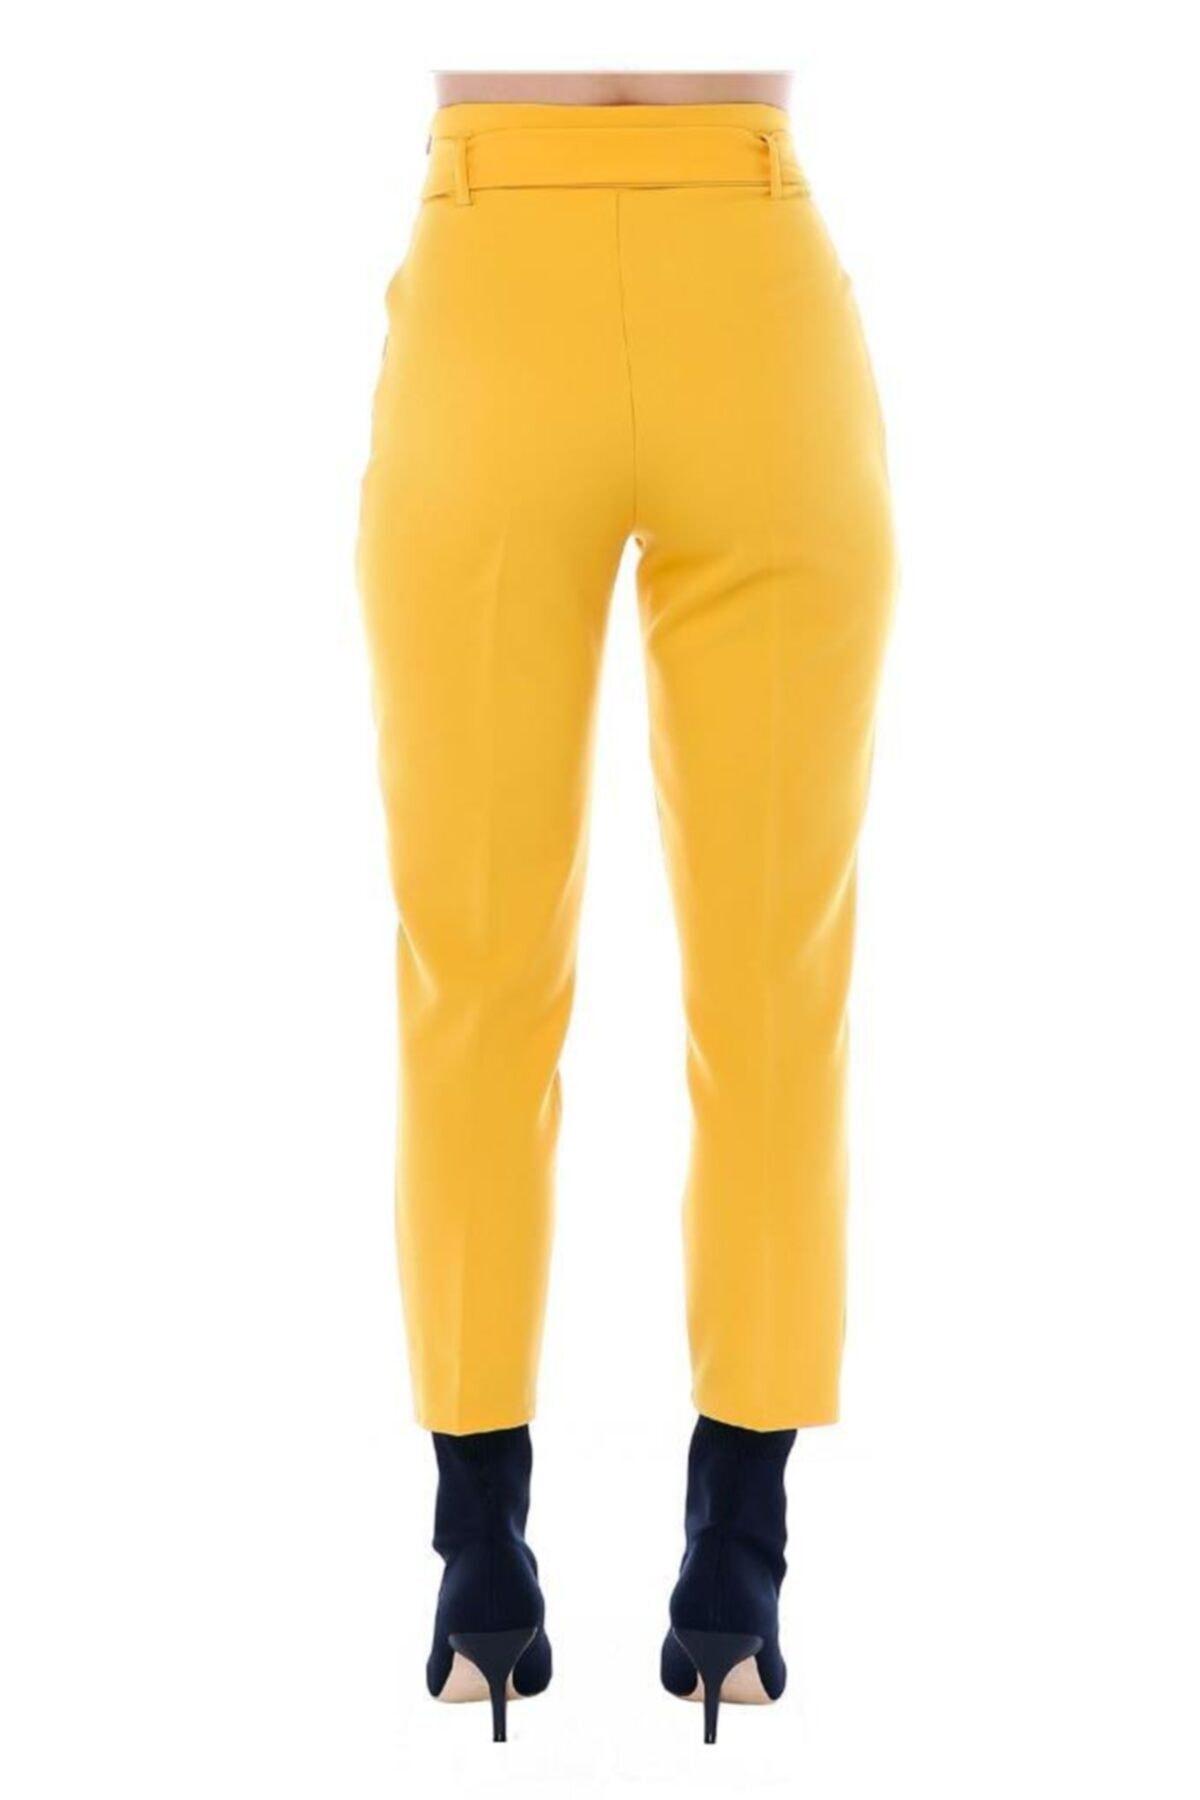 Modkofoni Yüksek Bel Tokalı Sarı Bilek Pantolon 1